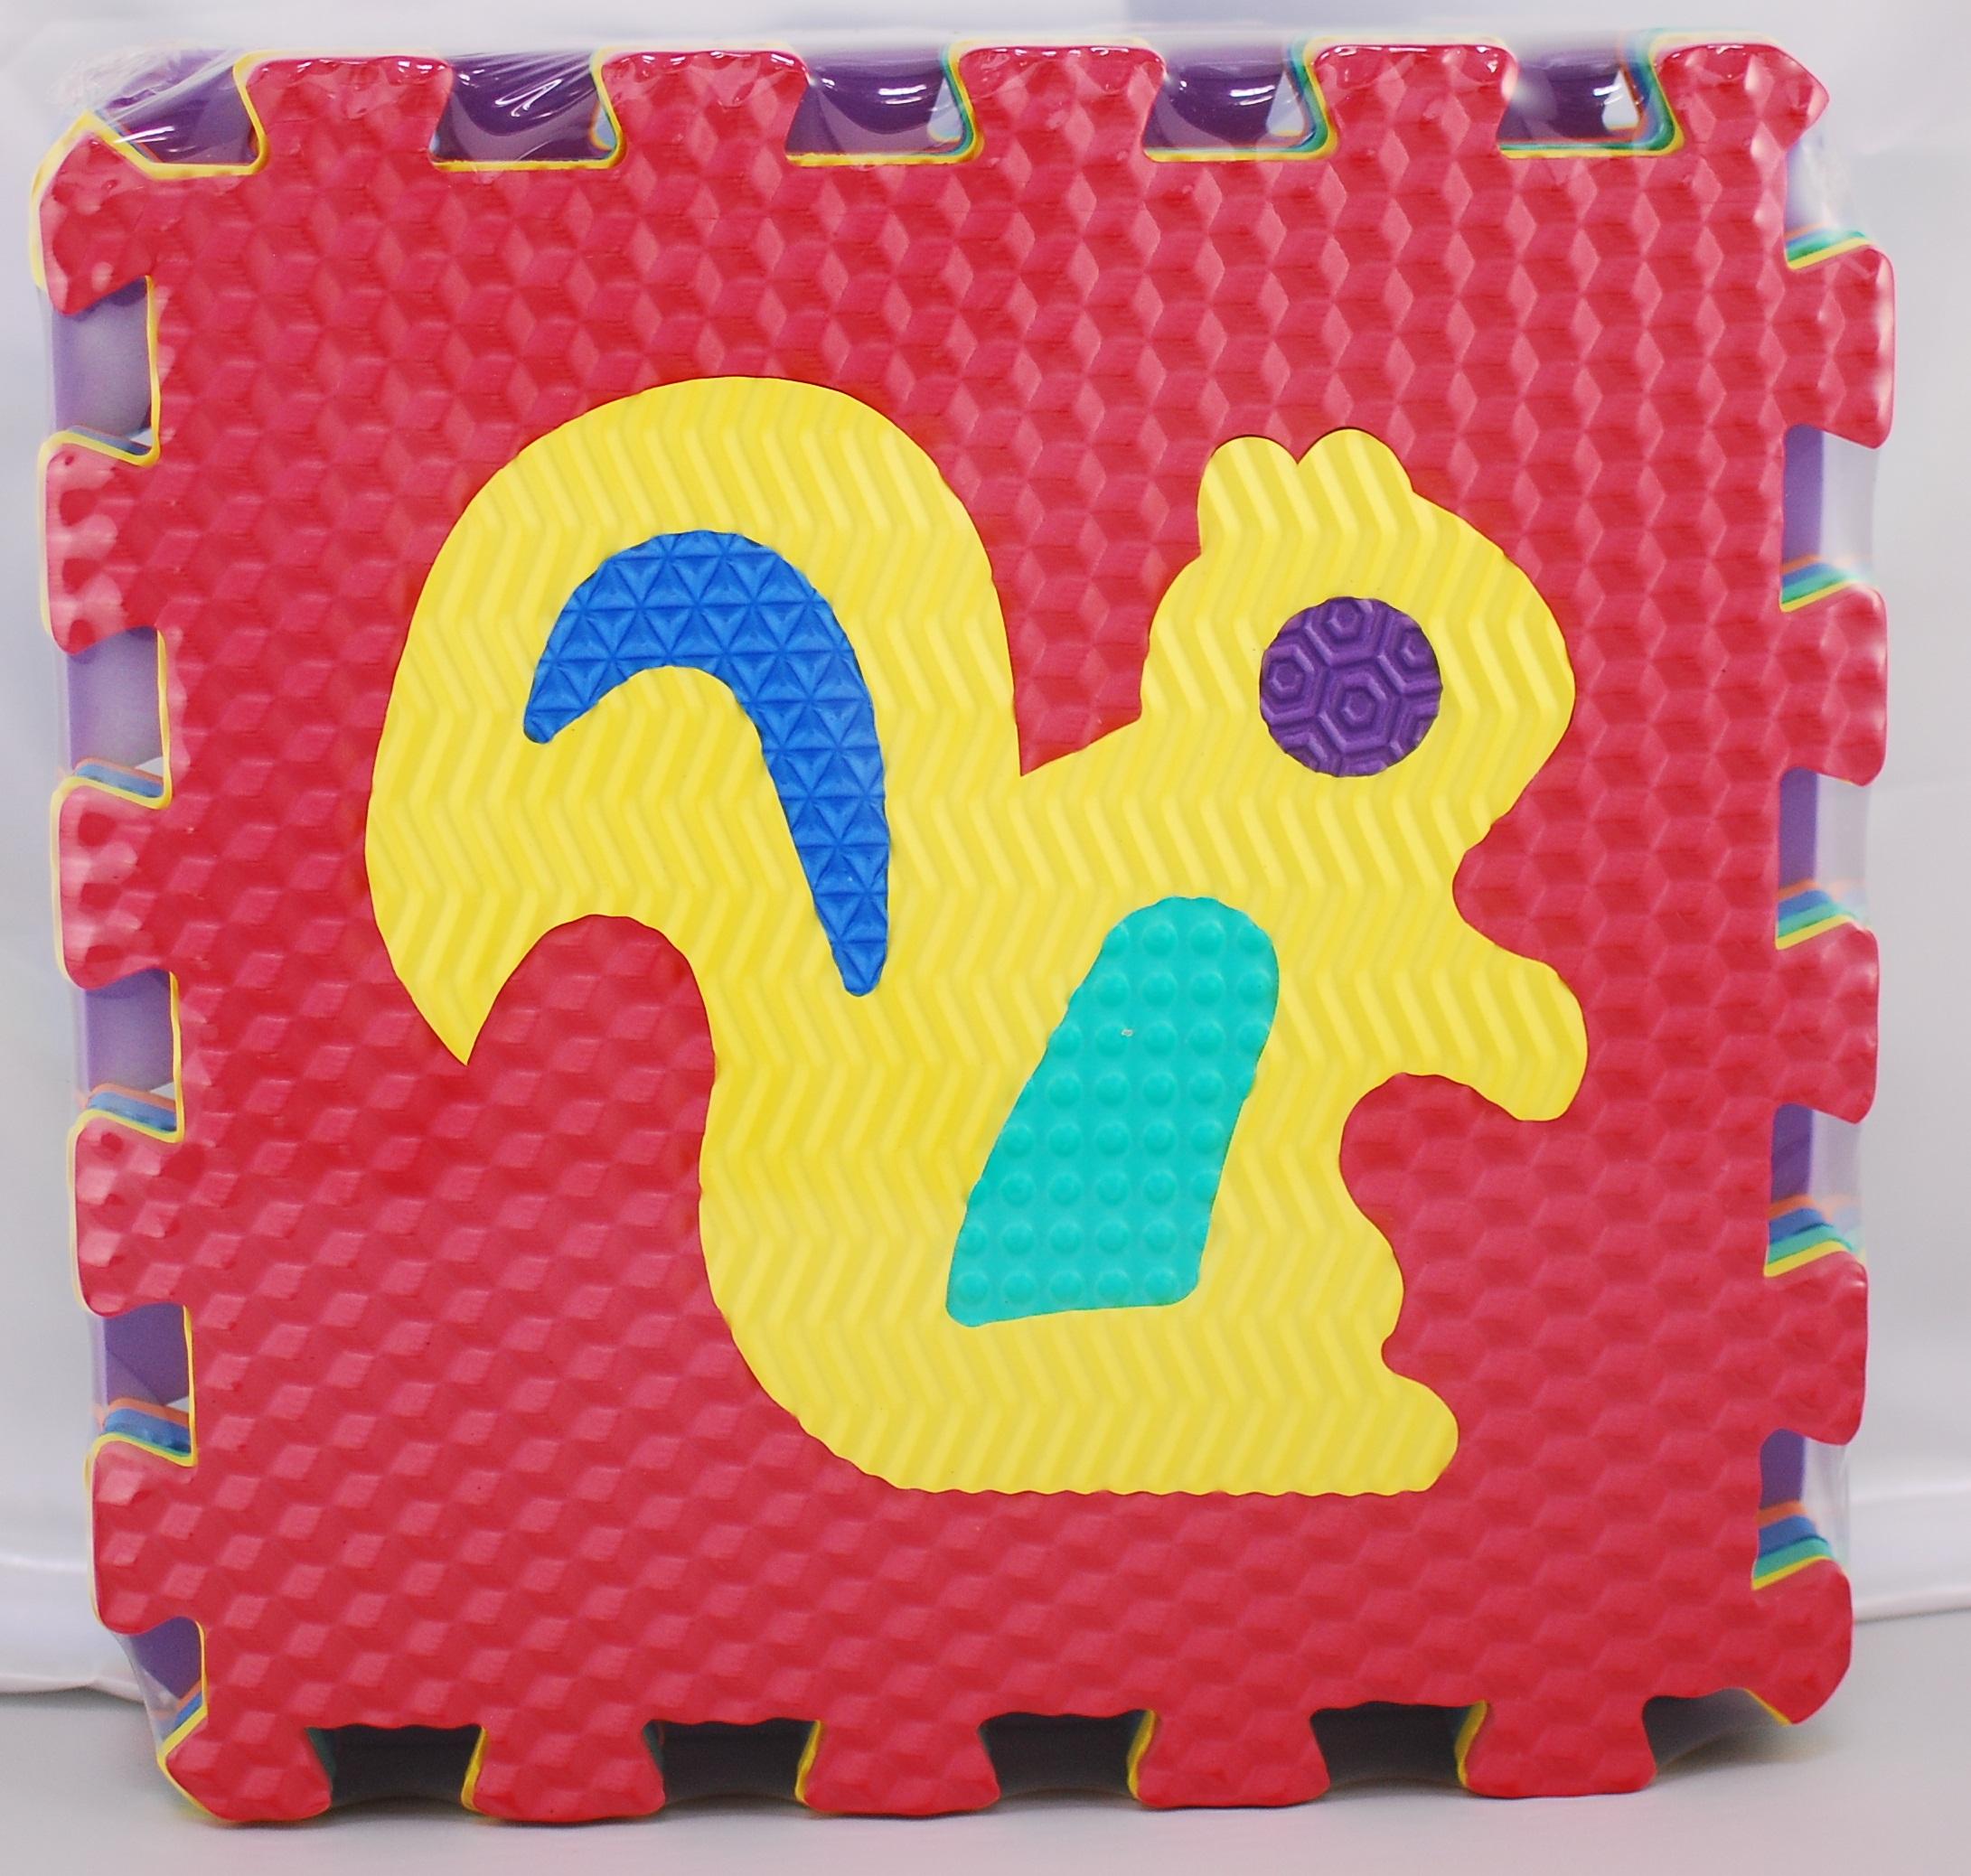 Puzzle din burete 1x1m - diverse modele - jucarie distractiva HMD-1743